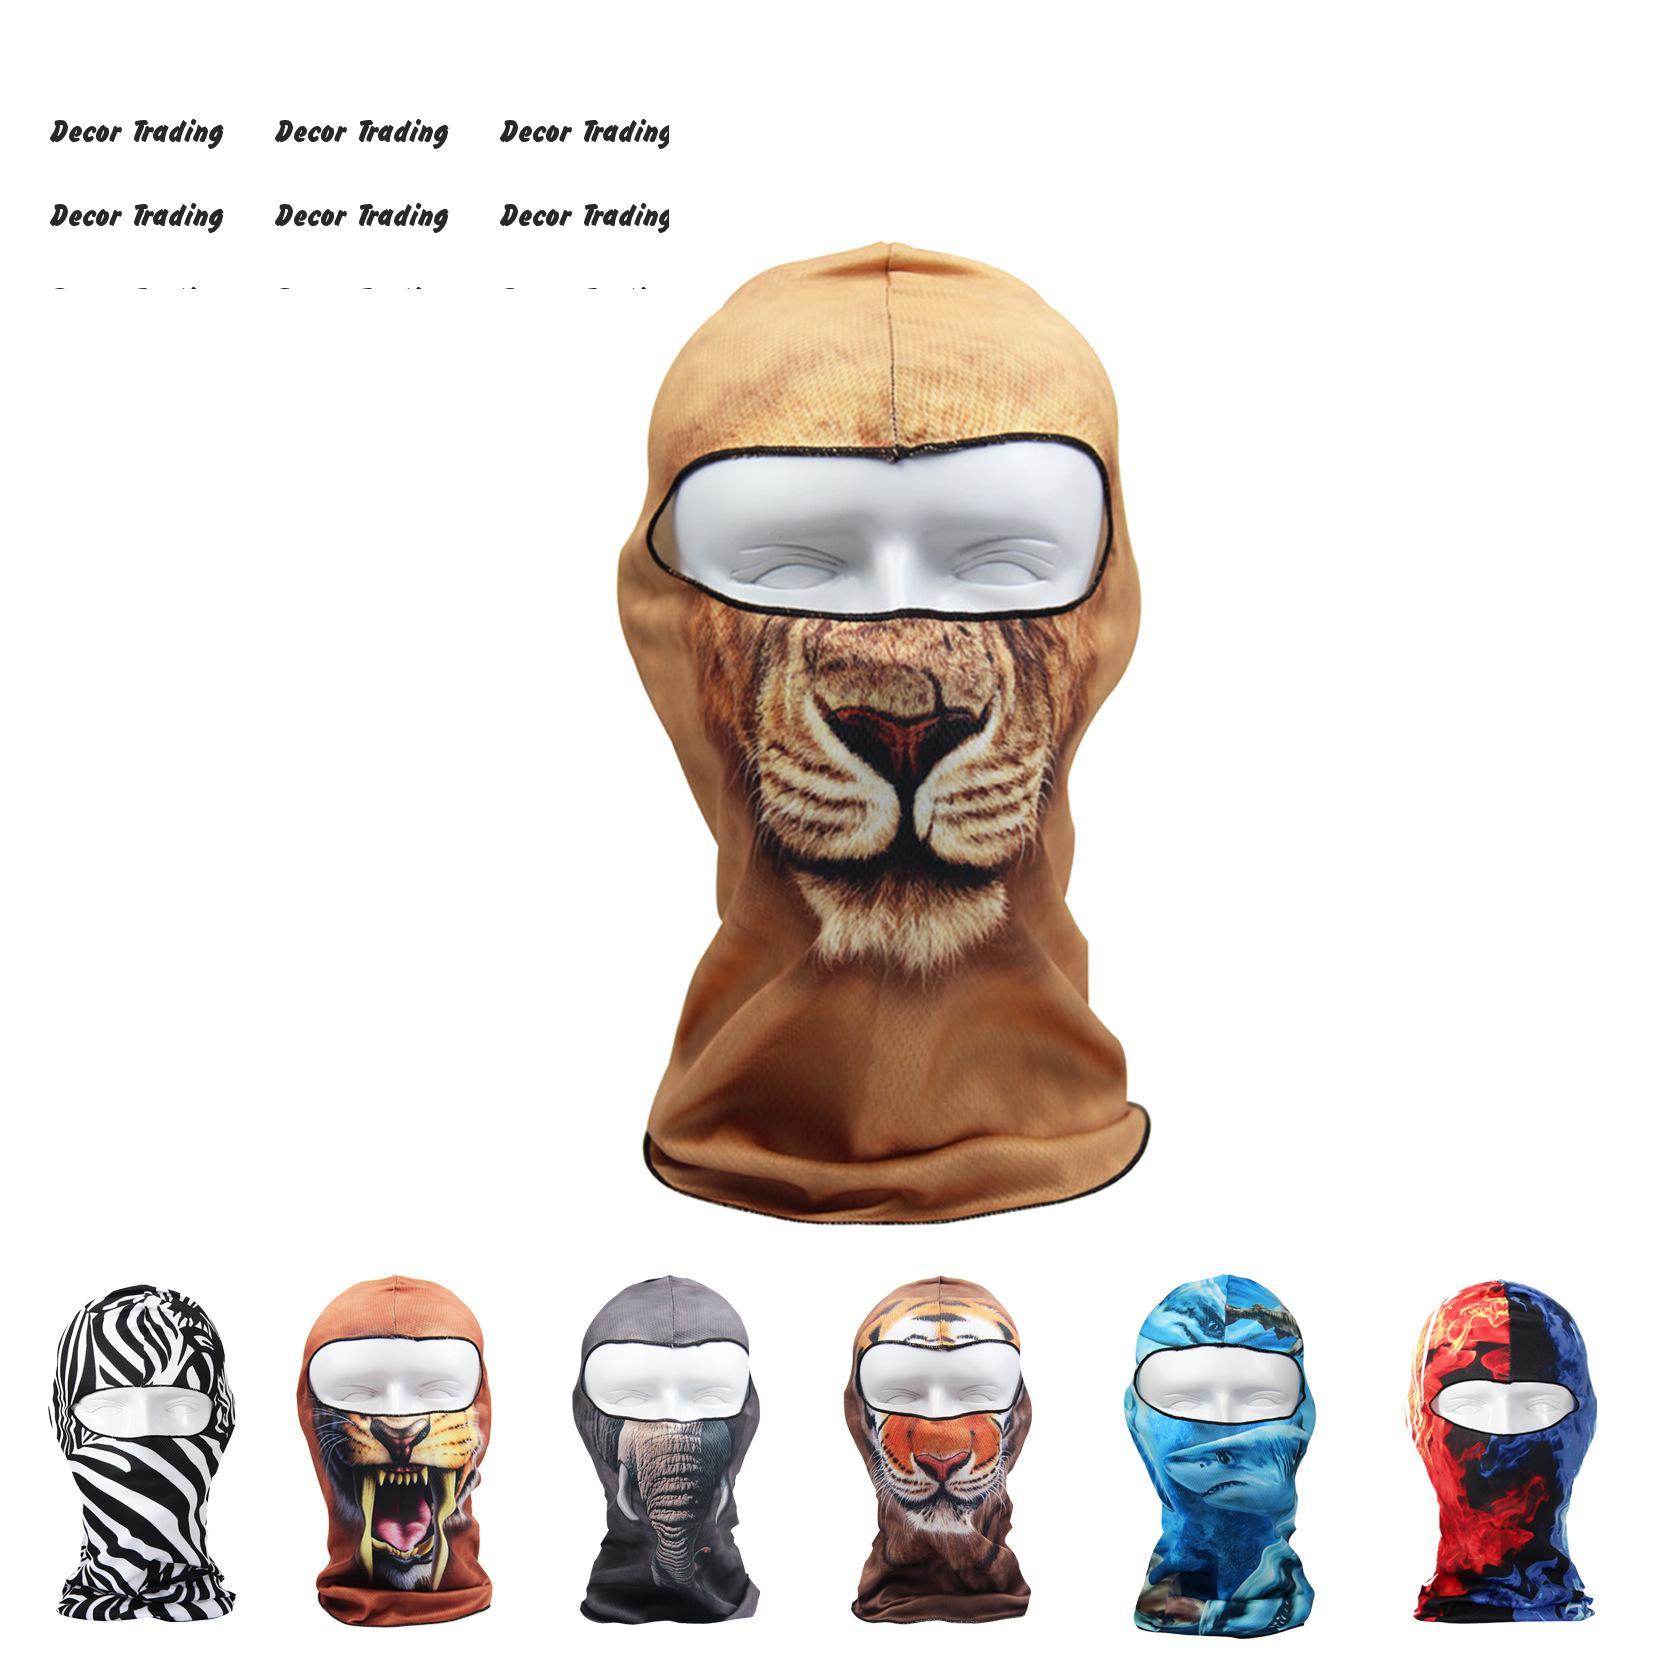 1PC Amimal Print Full Face Neck Guard Masks Motorcycle Headgear Hat Riding Hiking Outdoor Sports Cycling Masks,Balaclava Mask(China (Mainland))